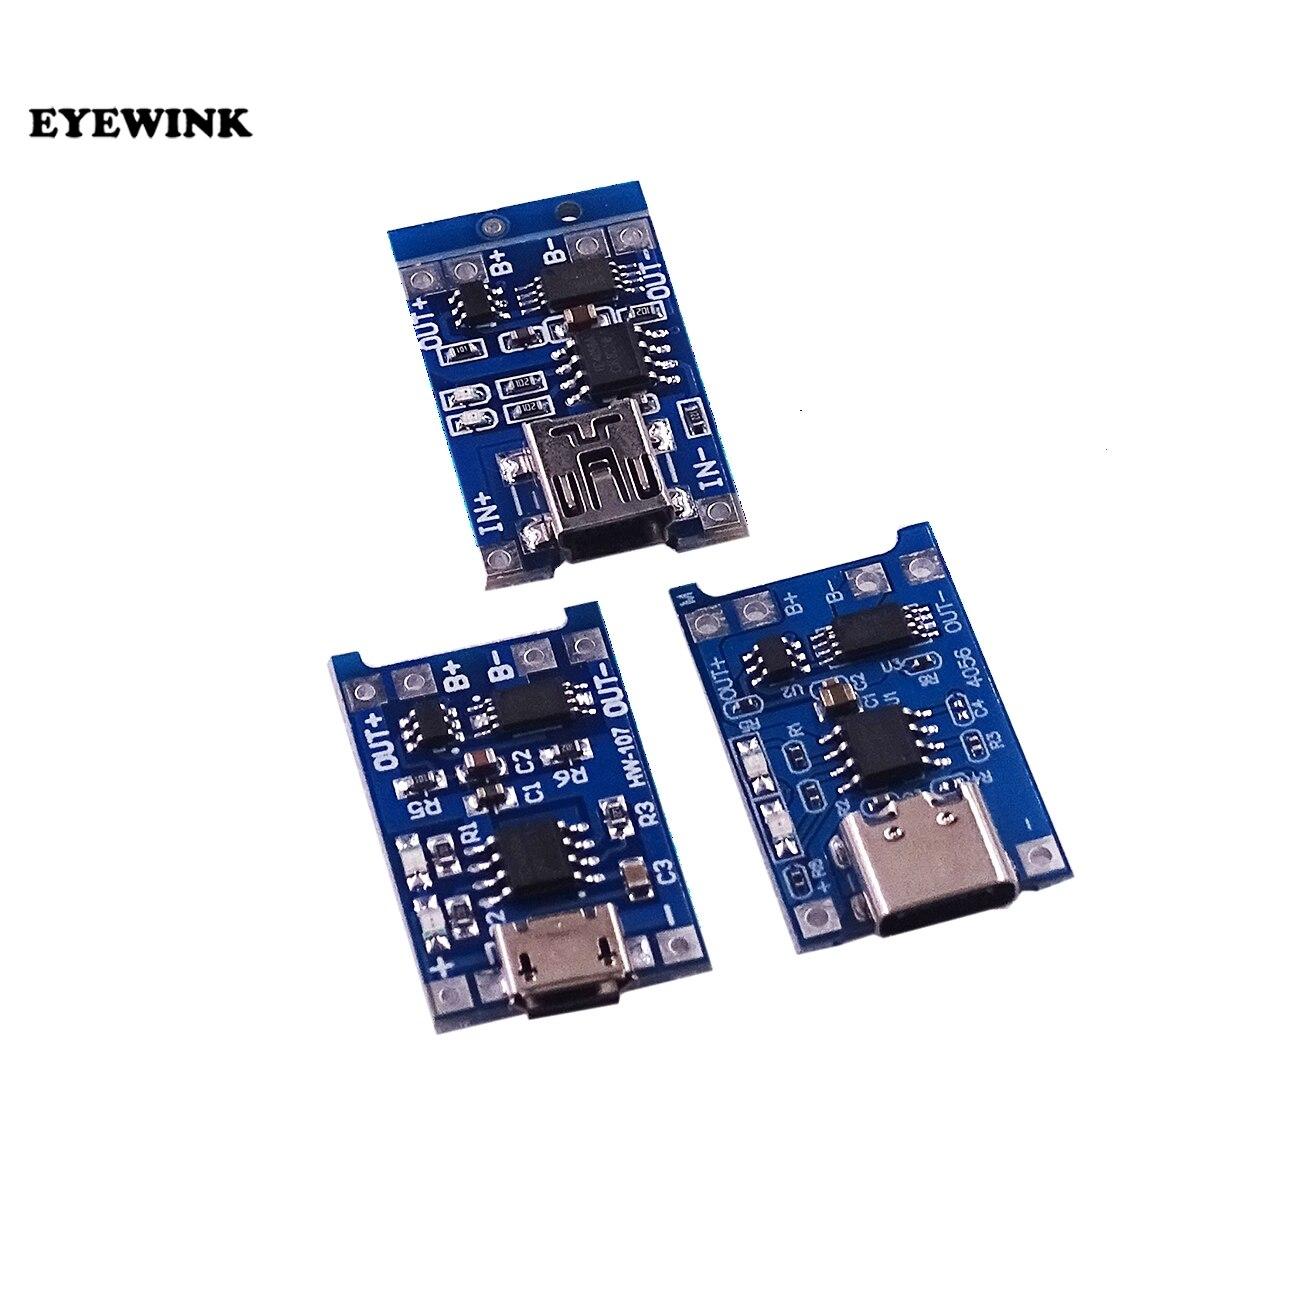 TP4056 TC4056, 1 шт., Type-c/Micro/Mini USB, 5 В, 1 А, 18650, Фотографическая плата для зарядки, две функции, литий-ионный аккумулятор